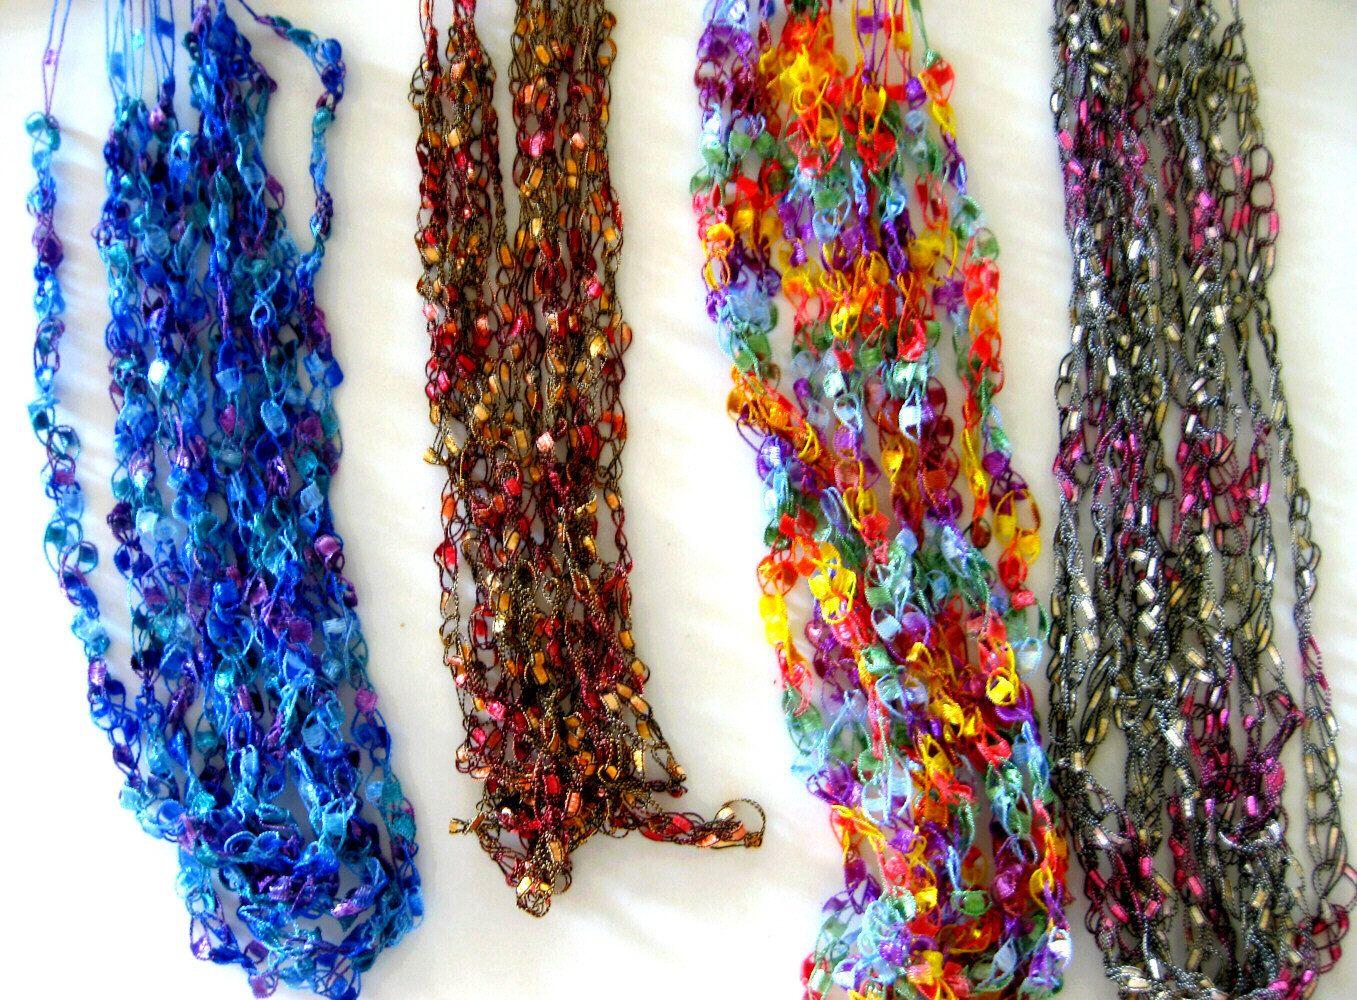 51 Crochet Necklace Patterns - The Funky Stitch